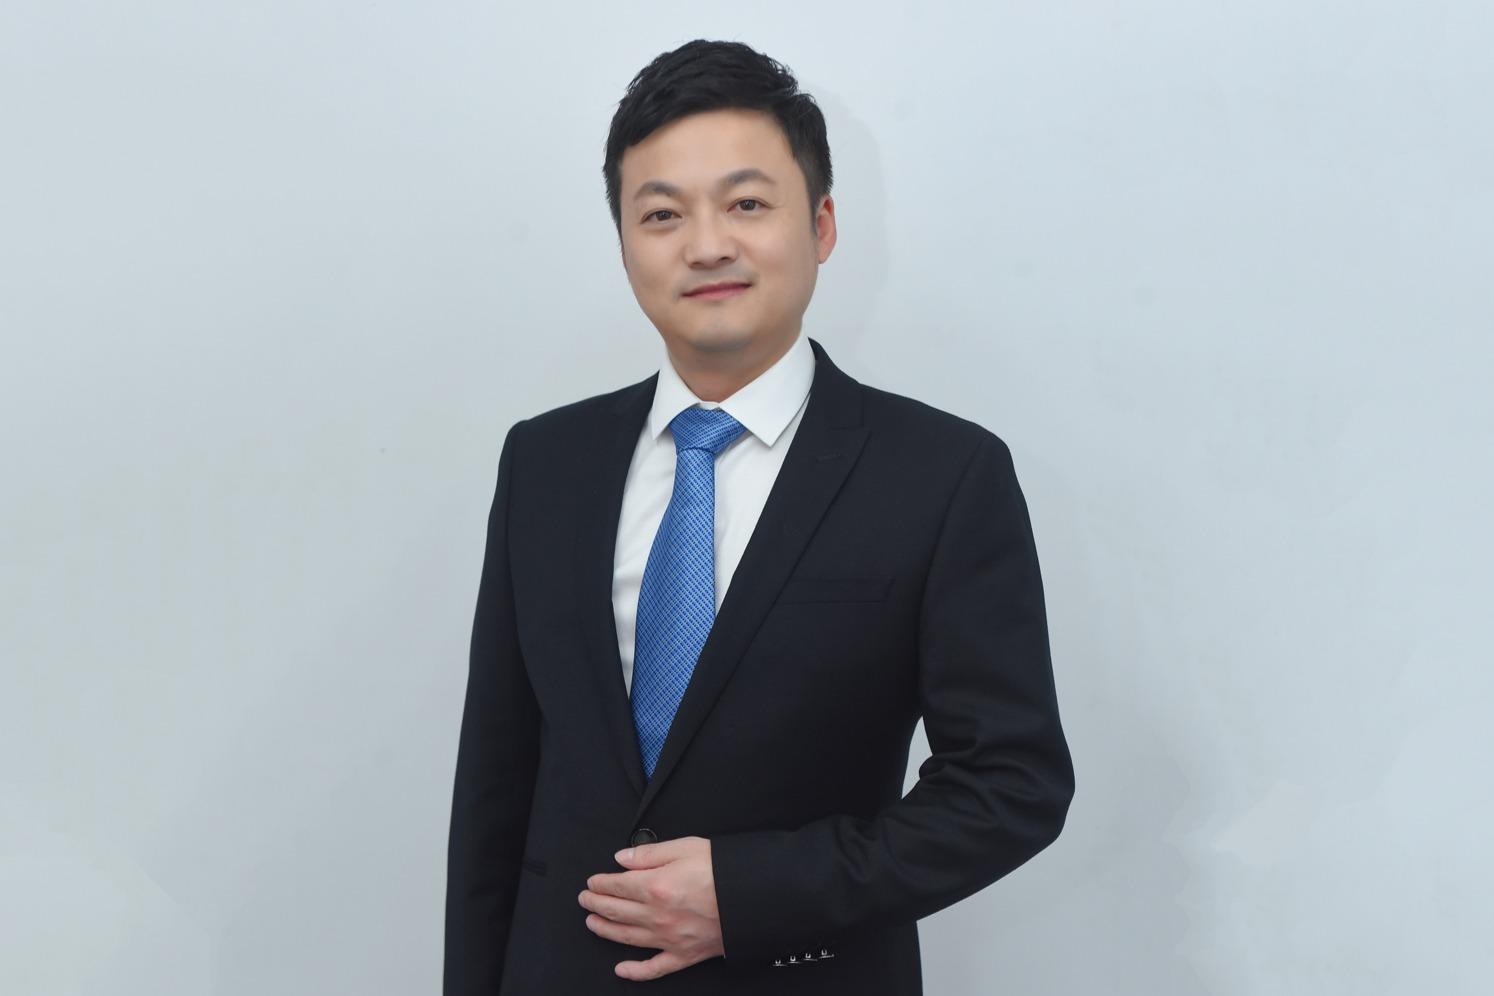 原捷途营销公司执行副总经理王磊 正式出任iCar生态营销公司总经理